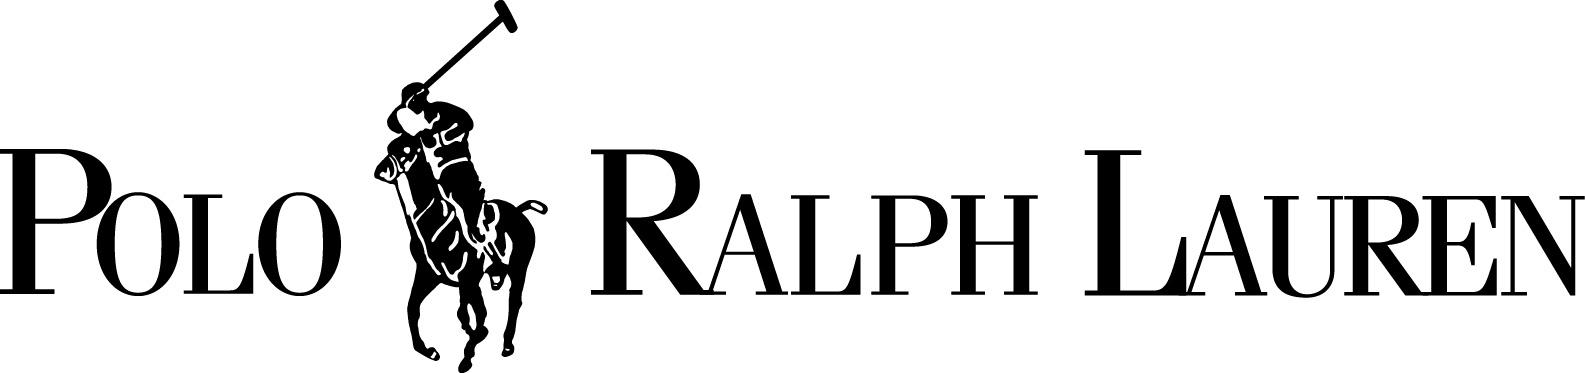 polo-ralph-lauren.jpg